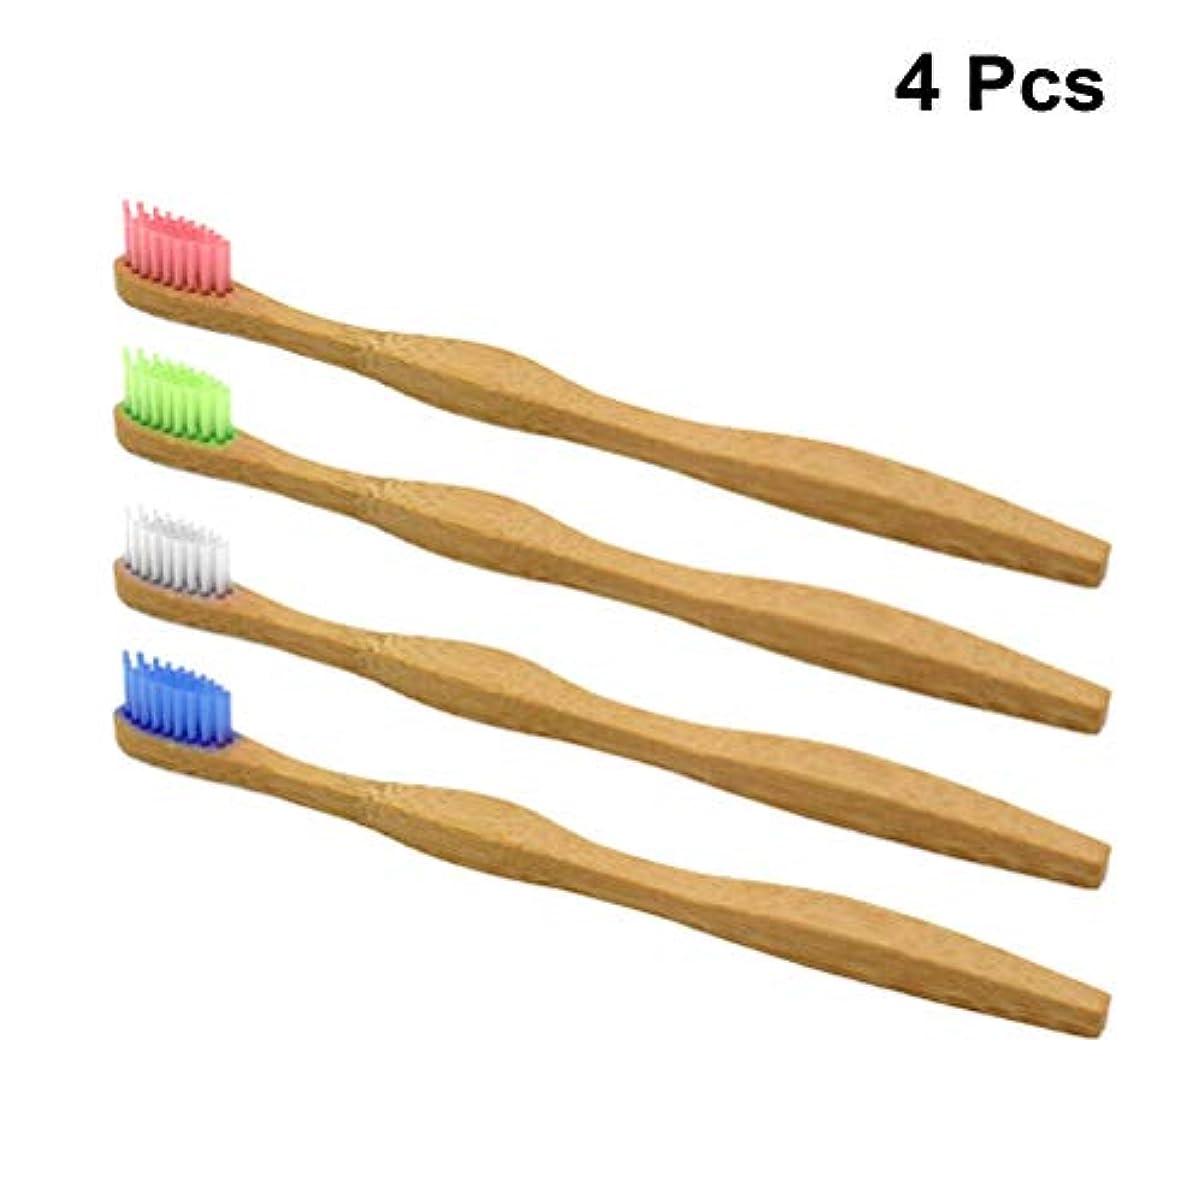 コメンテーター生産的草Healifty 4本エコフレンドリー竹歯ブラシ生分解性ソフト剛毛歯ブラシ(ホワイト、ブルー、ピンク、グリーン)